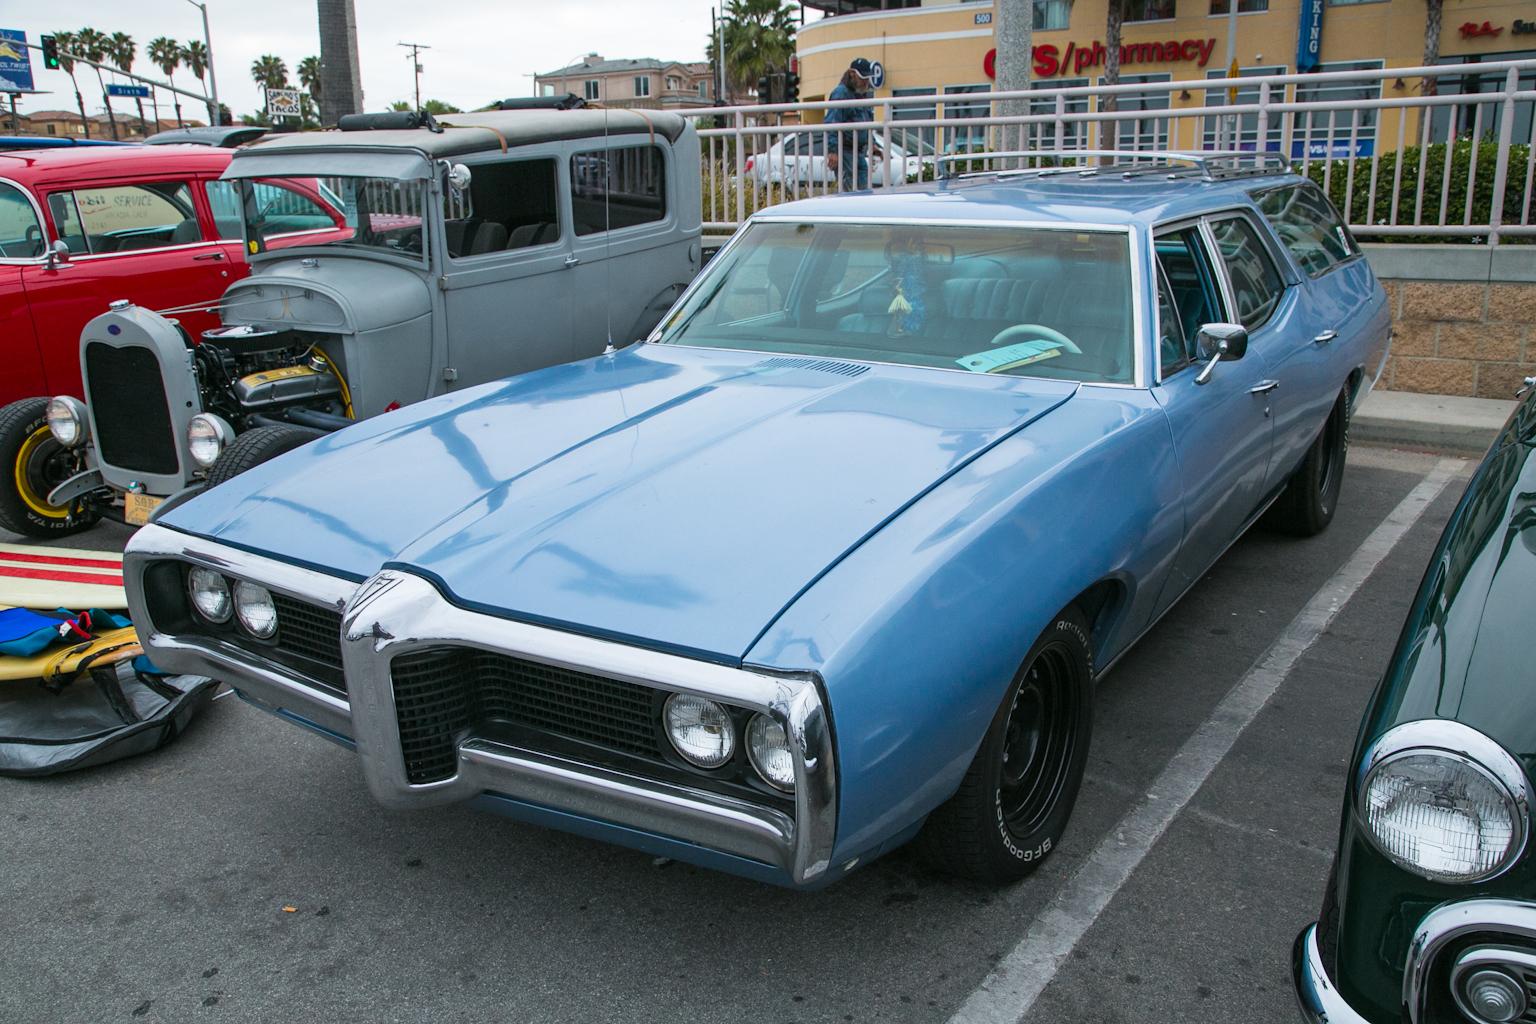 Car Show Gallery: The 14th Annual Beachcruiser Meet At Huntington Beach, California